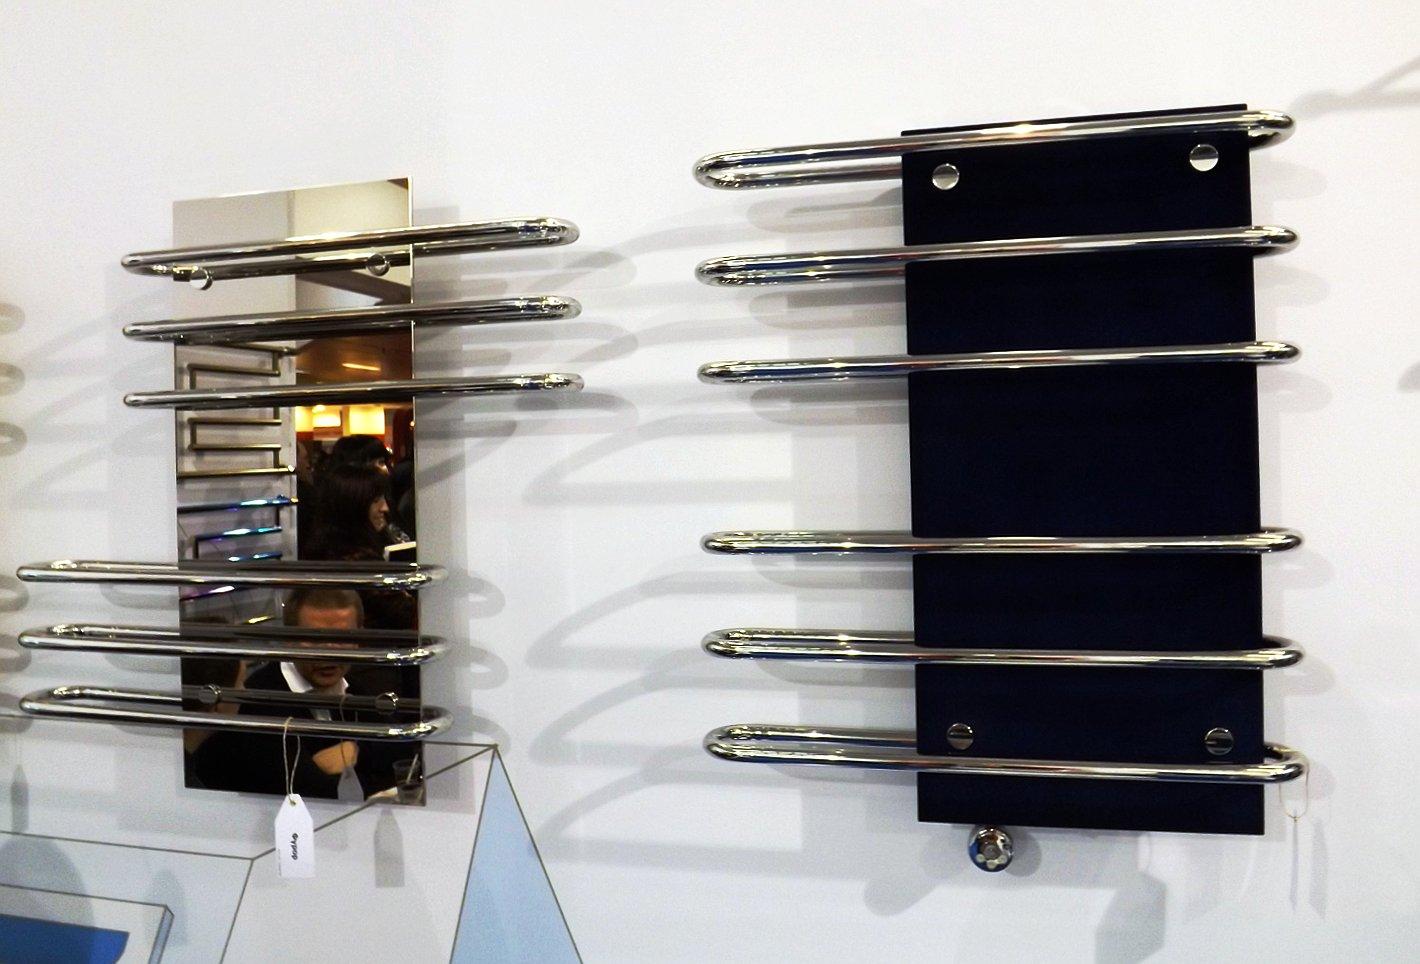 Полотенцесушители Сунержа на московской выставке МосБилд 2014. Декоративное решение — отражатели тепла